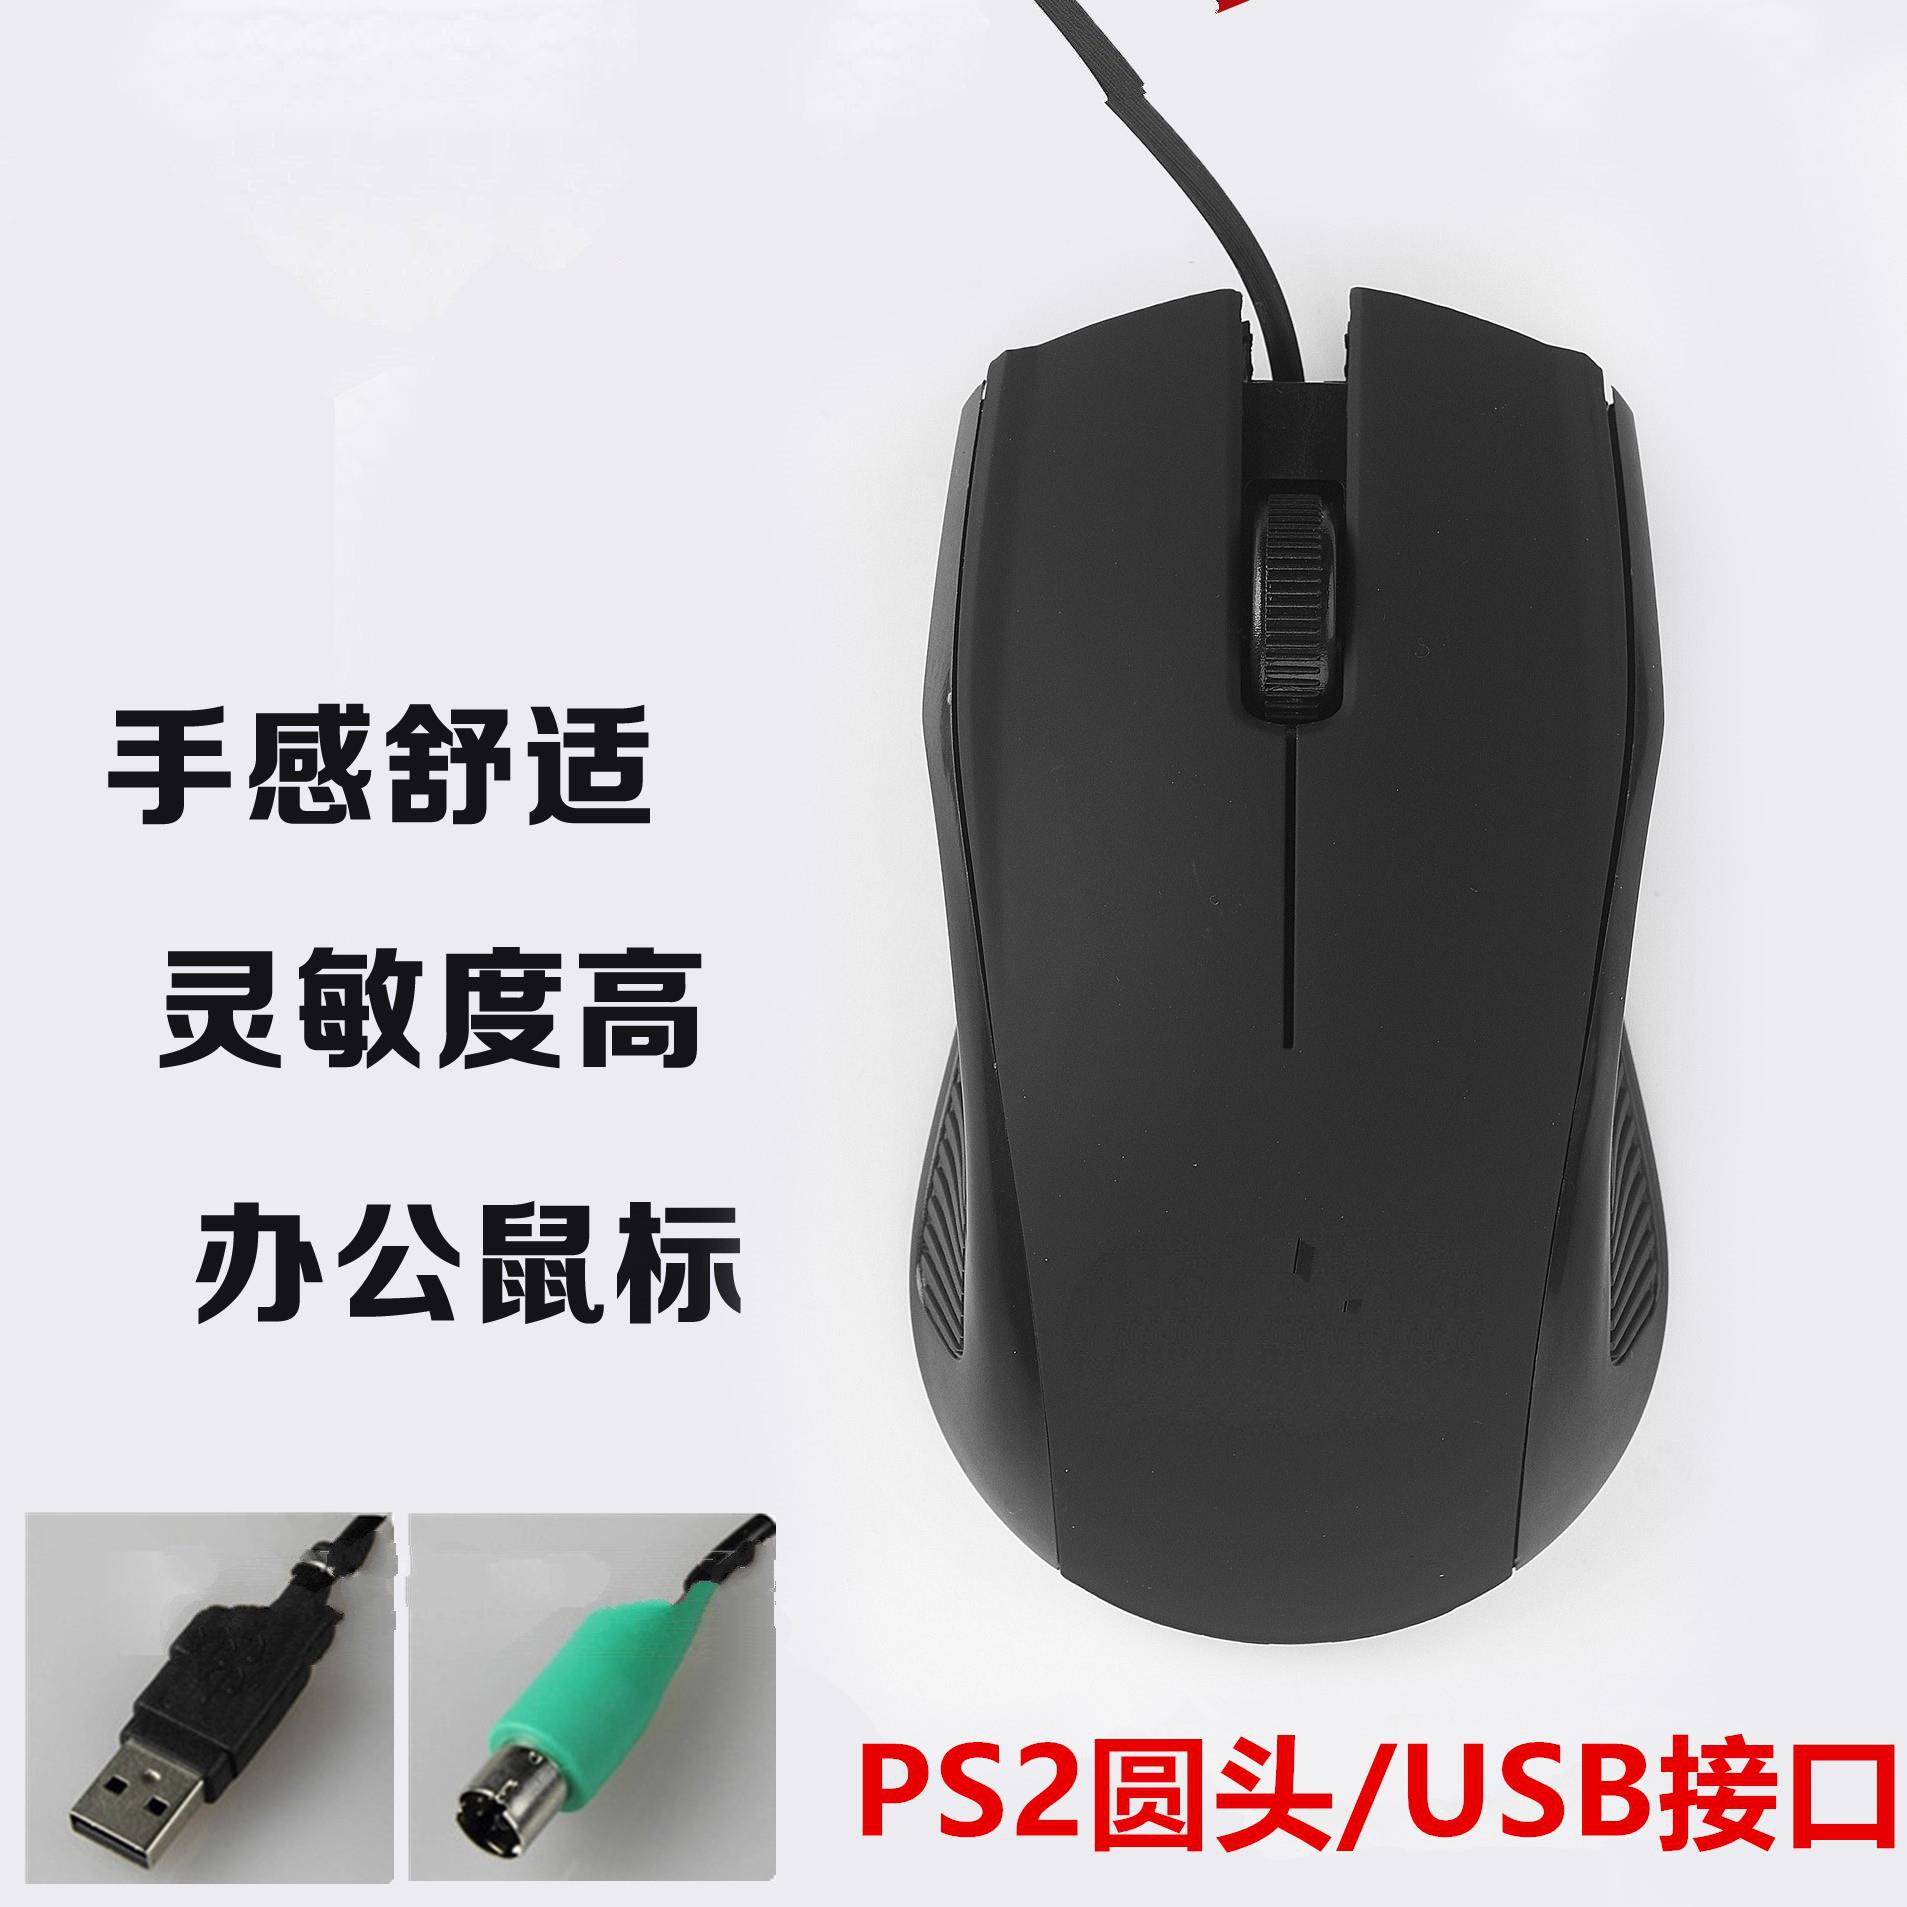 Được sử dụng máy móc cái bàn phím chuột phím chuột bộ khuất bóng cáp. Trò chơi máy tính quán Internet Gaming.